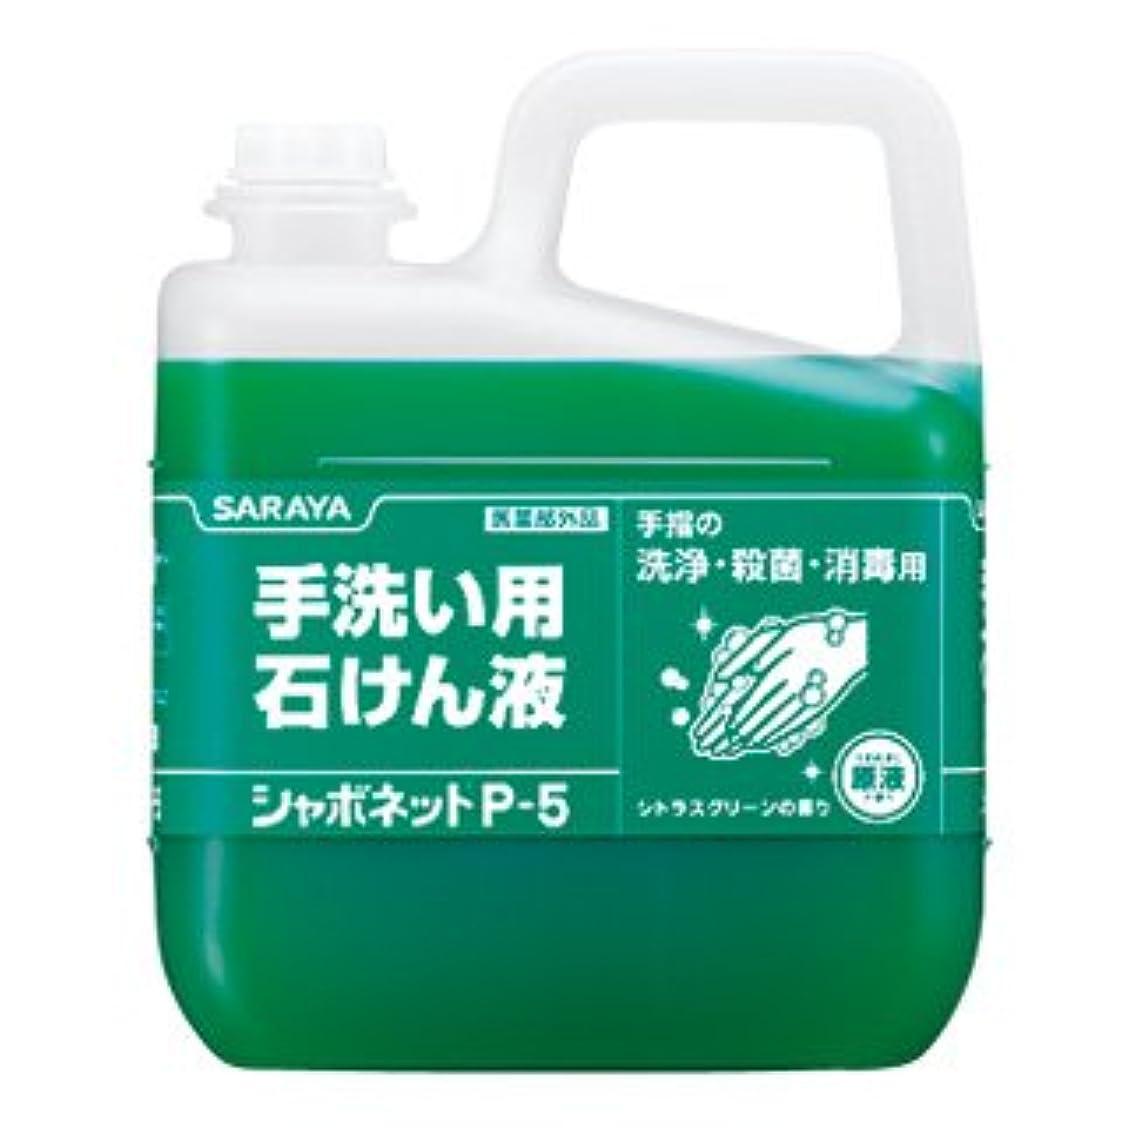 ありそう唇砂のサラヤ シャボネット P-5 5kg×3 シトラスグリーンの香り